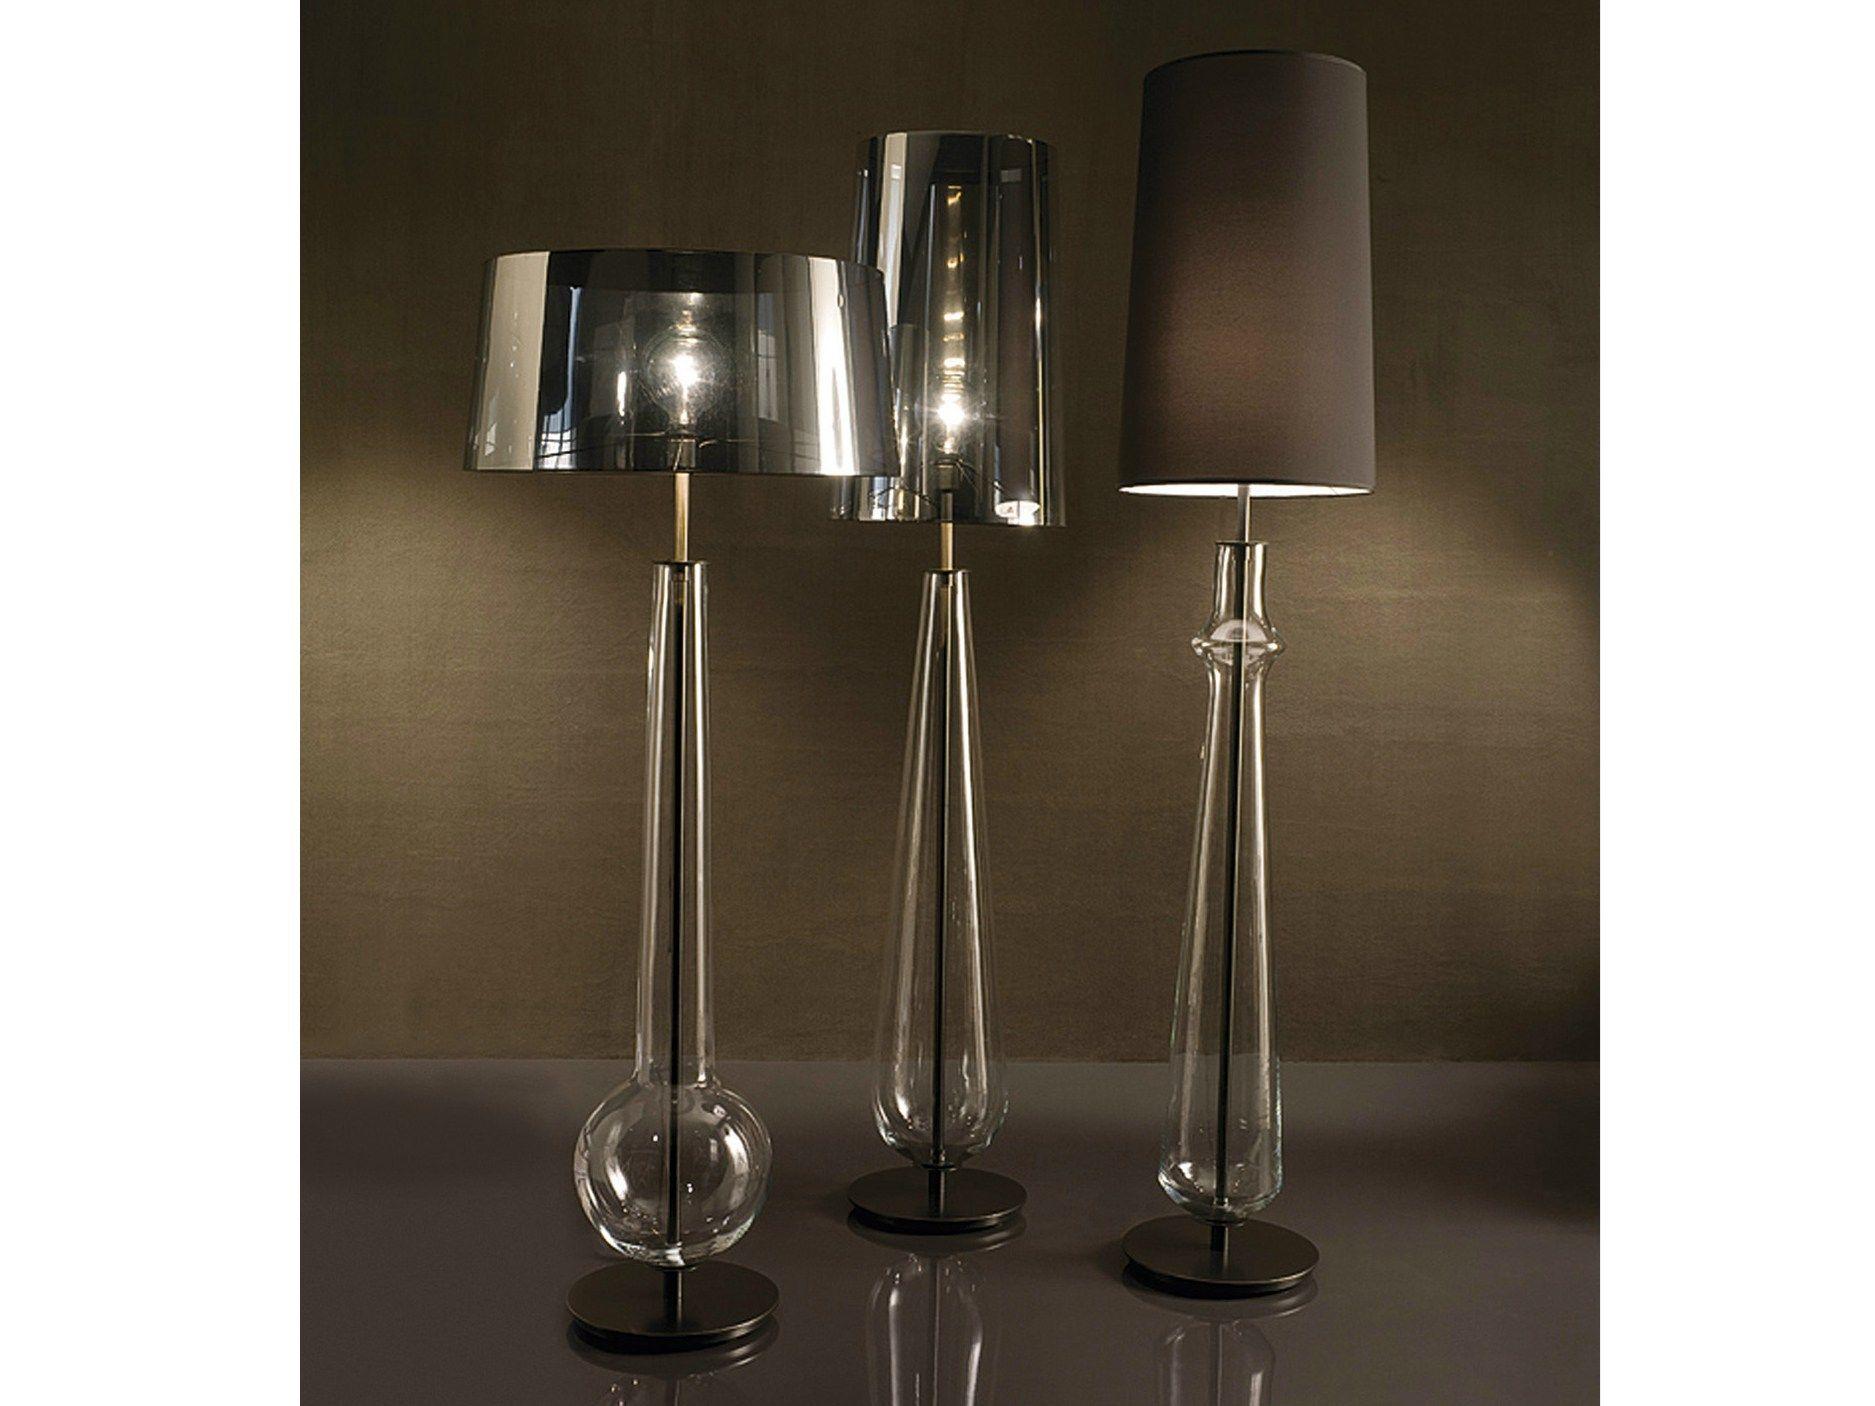 Lampade In Vetro Soffiato : Lampada da terra in vetro soffiato new classic by penta design